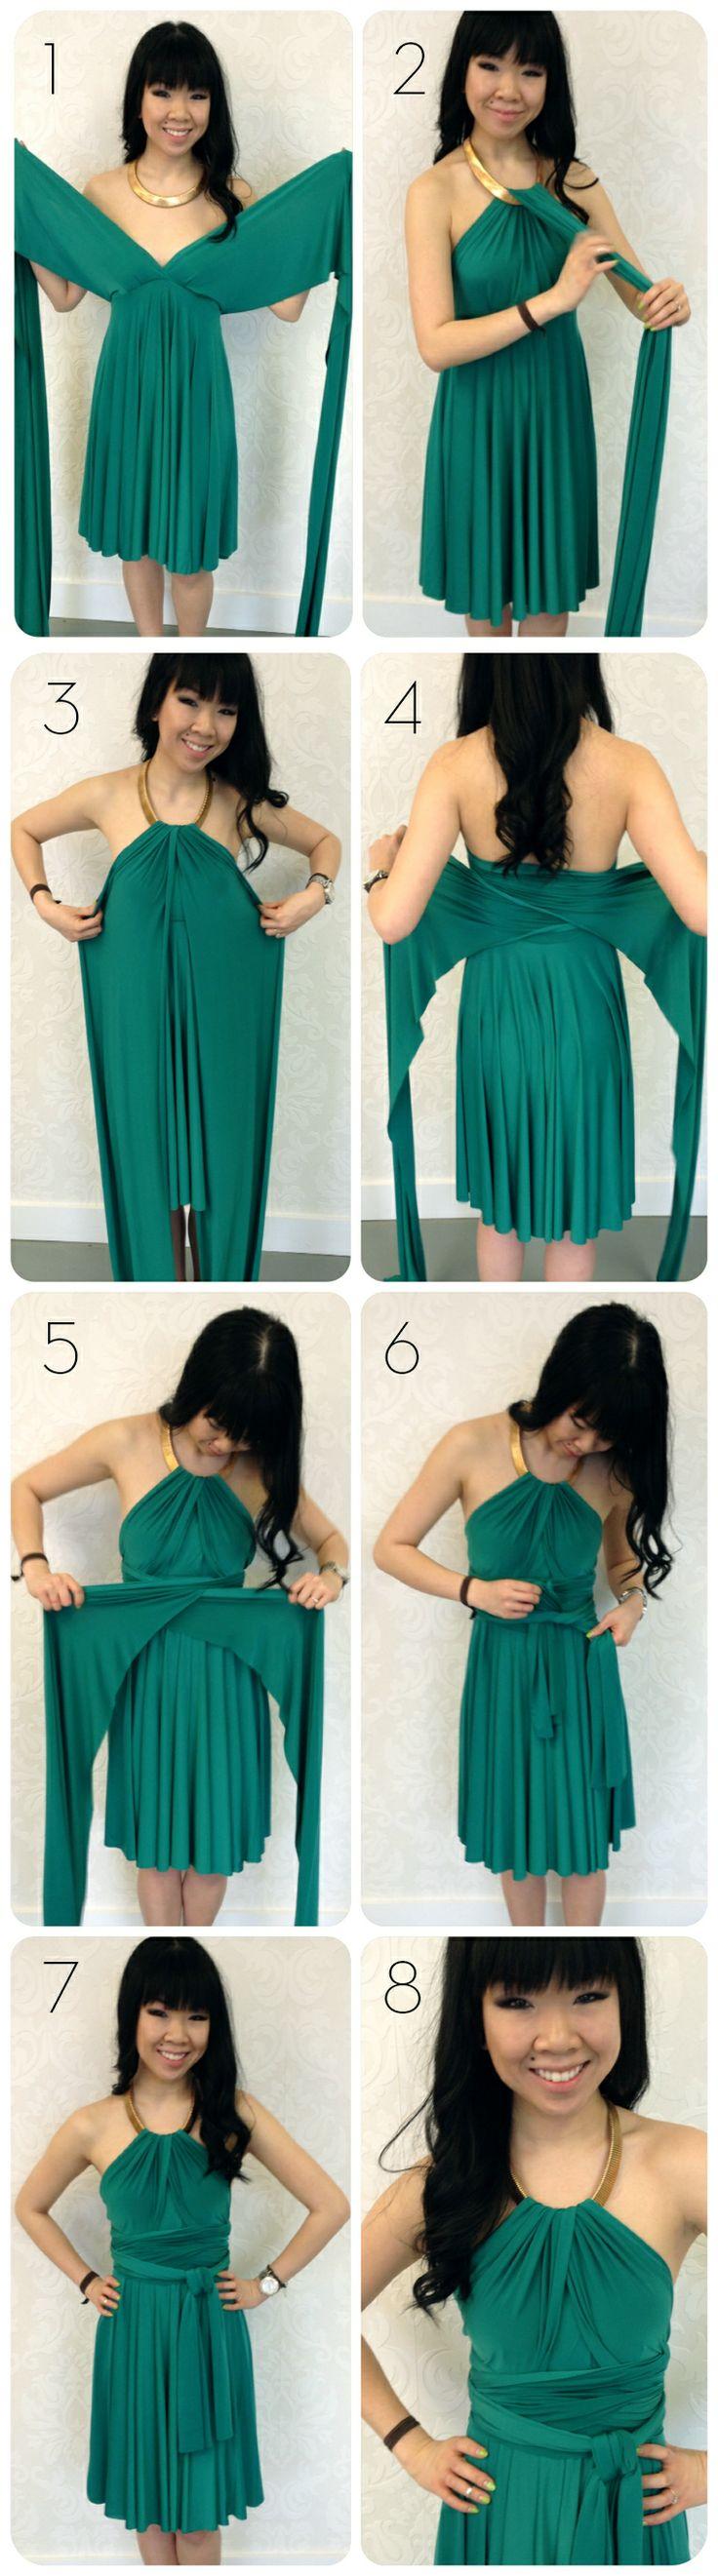 vestido-convertible-buscolook-inspiración-xume_room_moda_fashion_consejo_blog